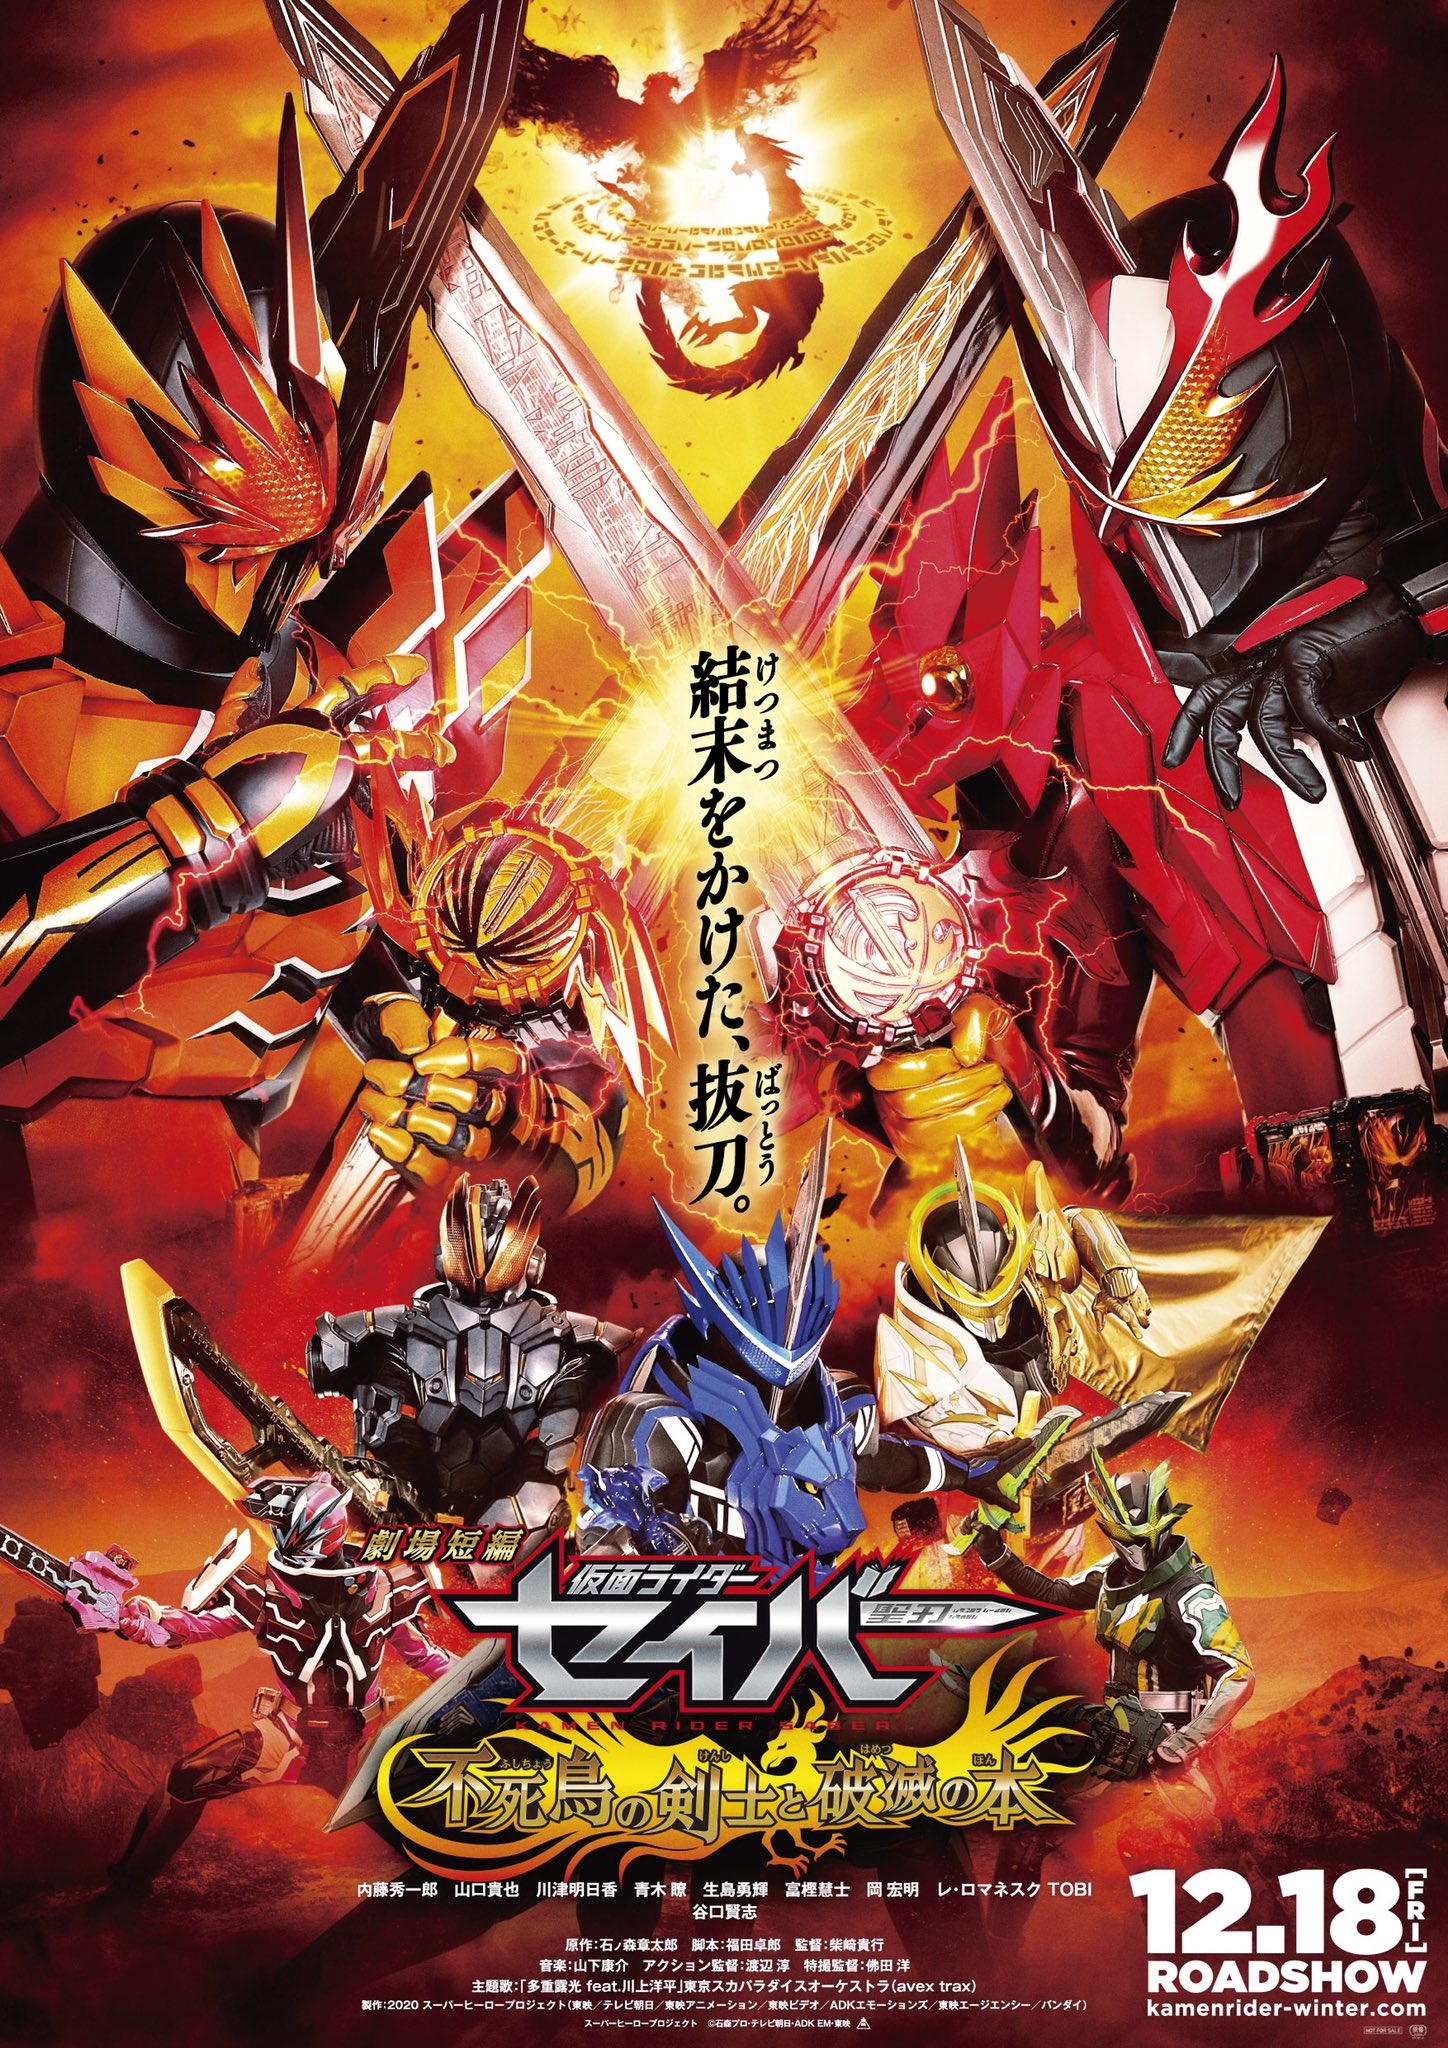 Kamen Rider Saber The Movie ซับไทย